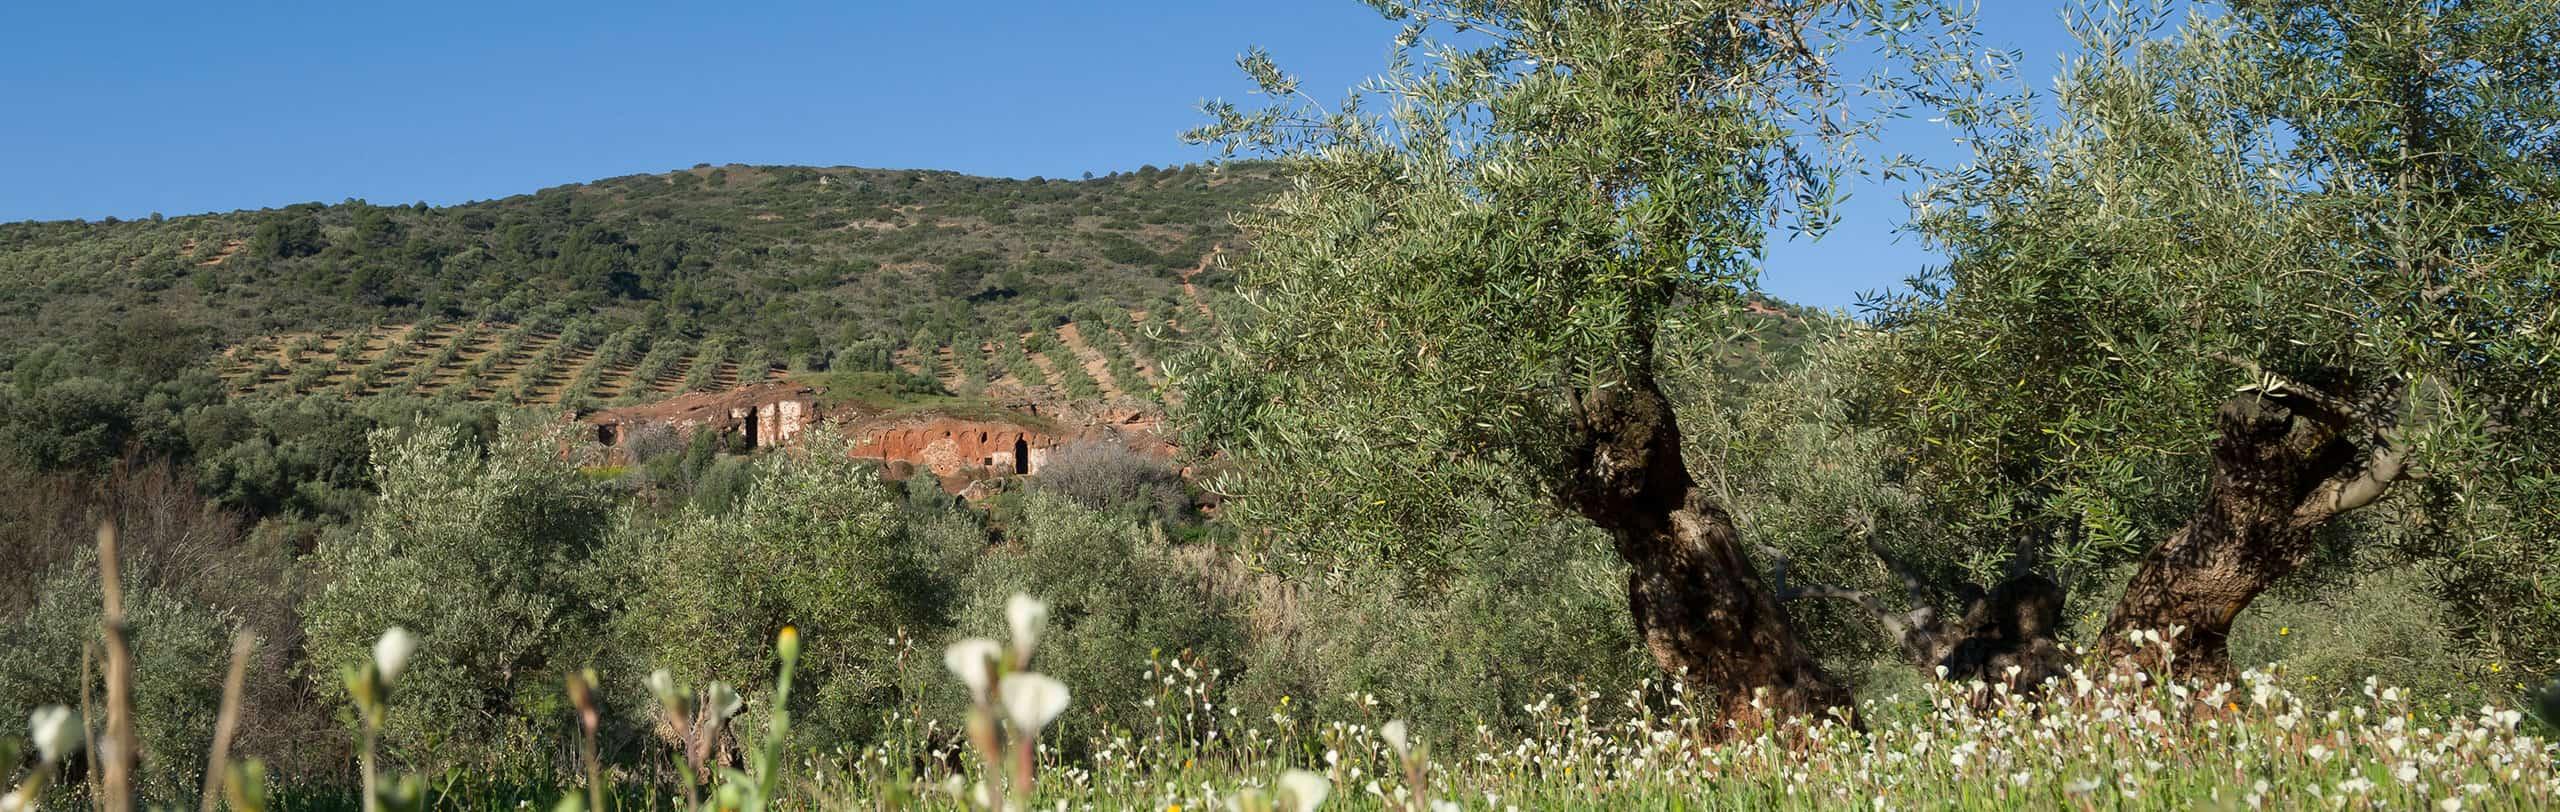 Nestra hacienda, vista a pie de campo hojiblanca royal de Vadolivo Sierra de Cazorla